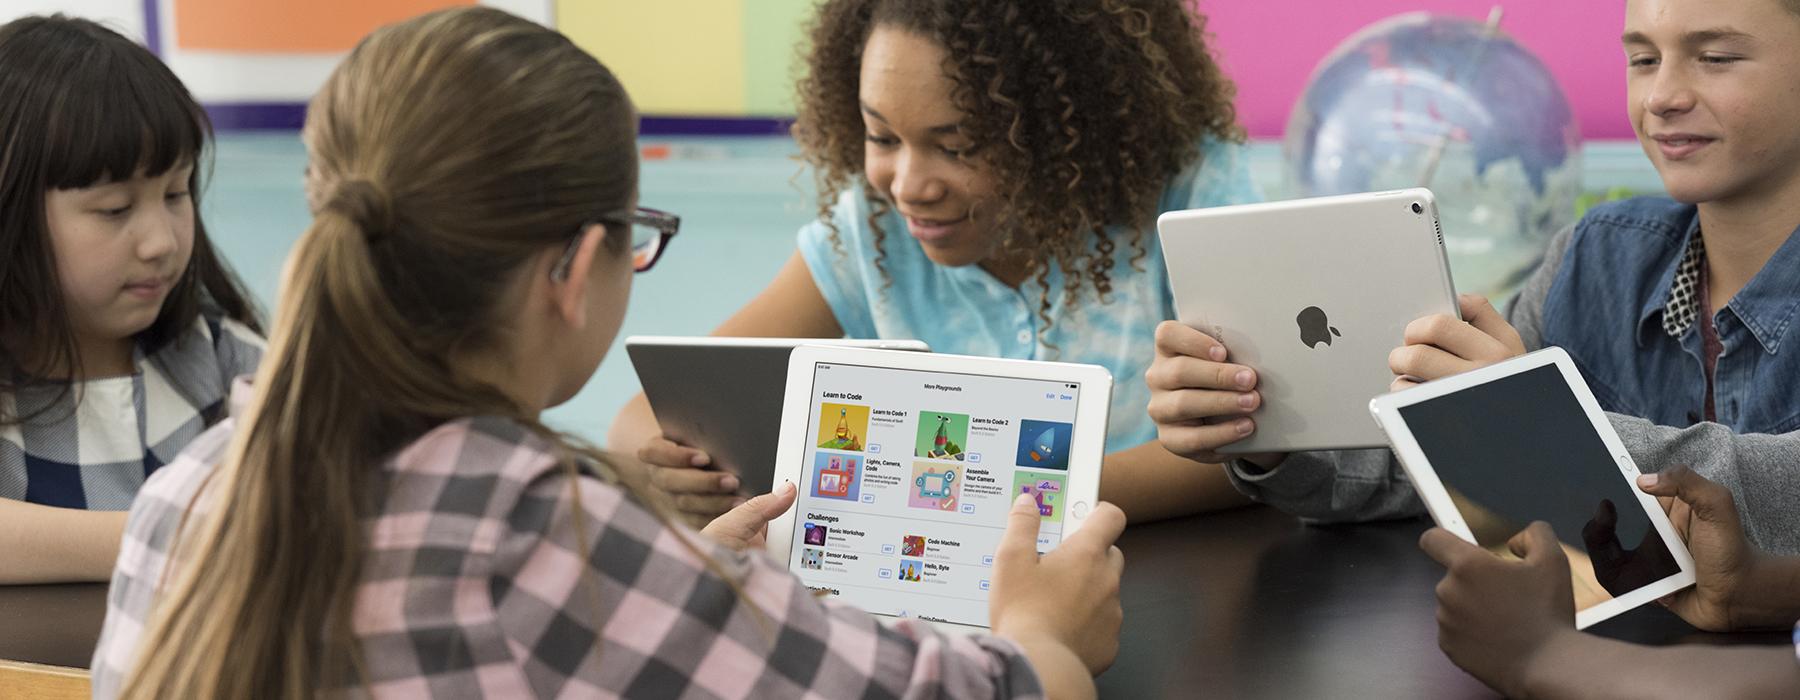 leerlingen gebruiken apple producten